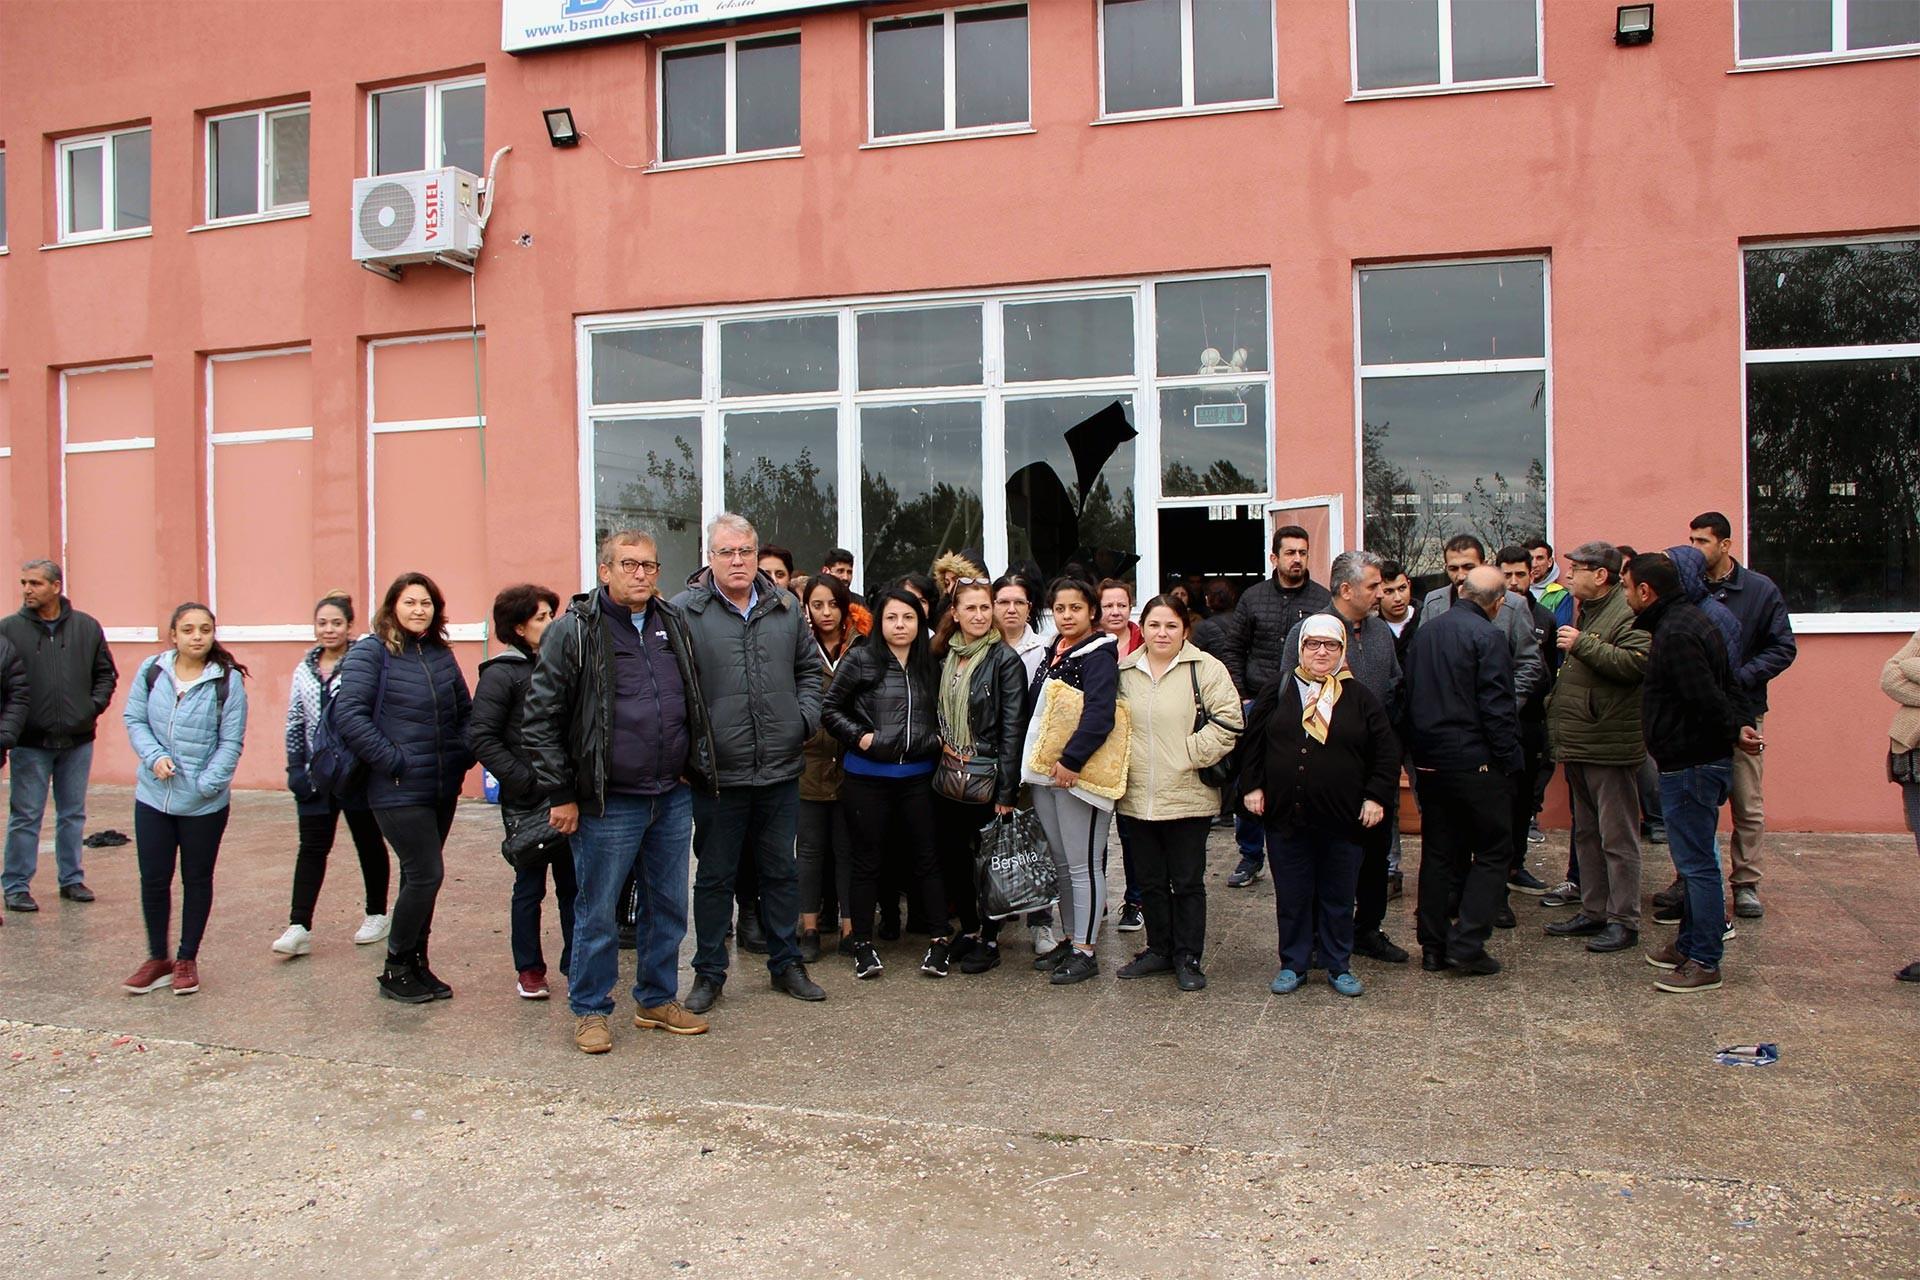 Ücretleri ödenmeyen tekstil işçileri, atölye önünde beklerken